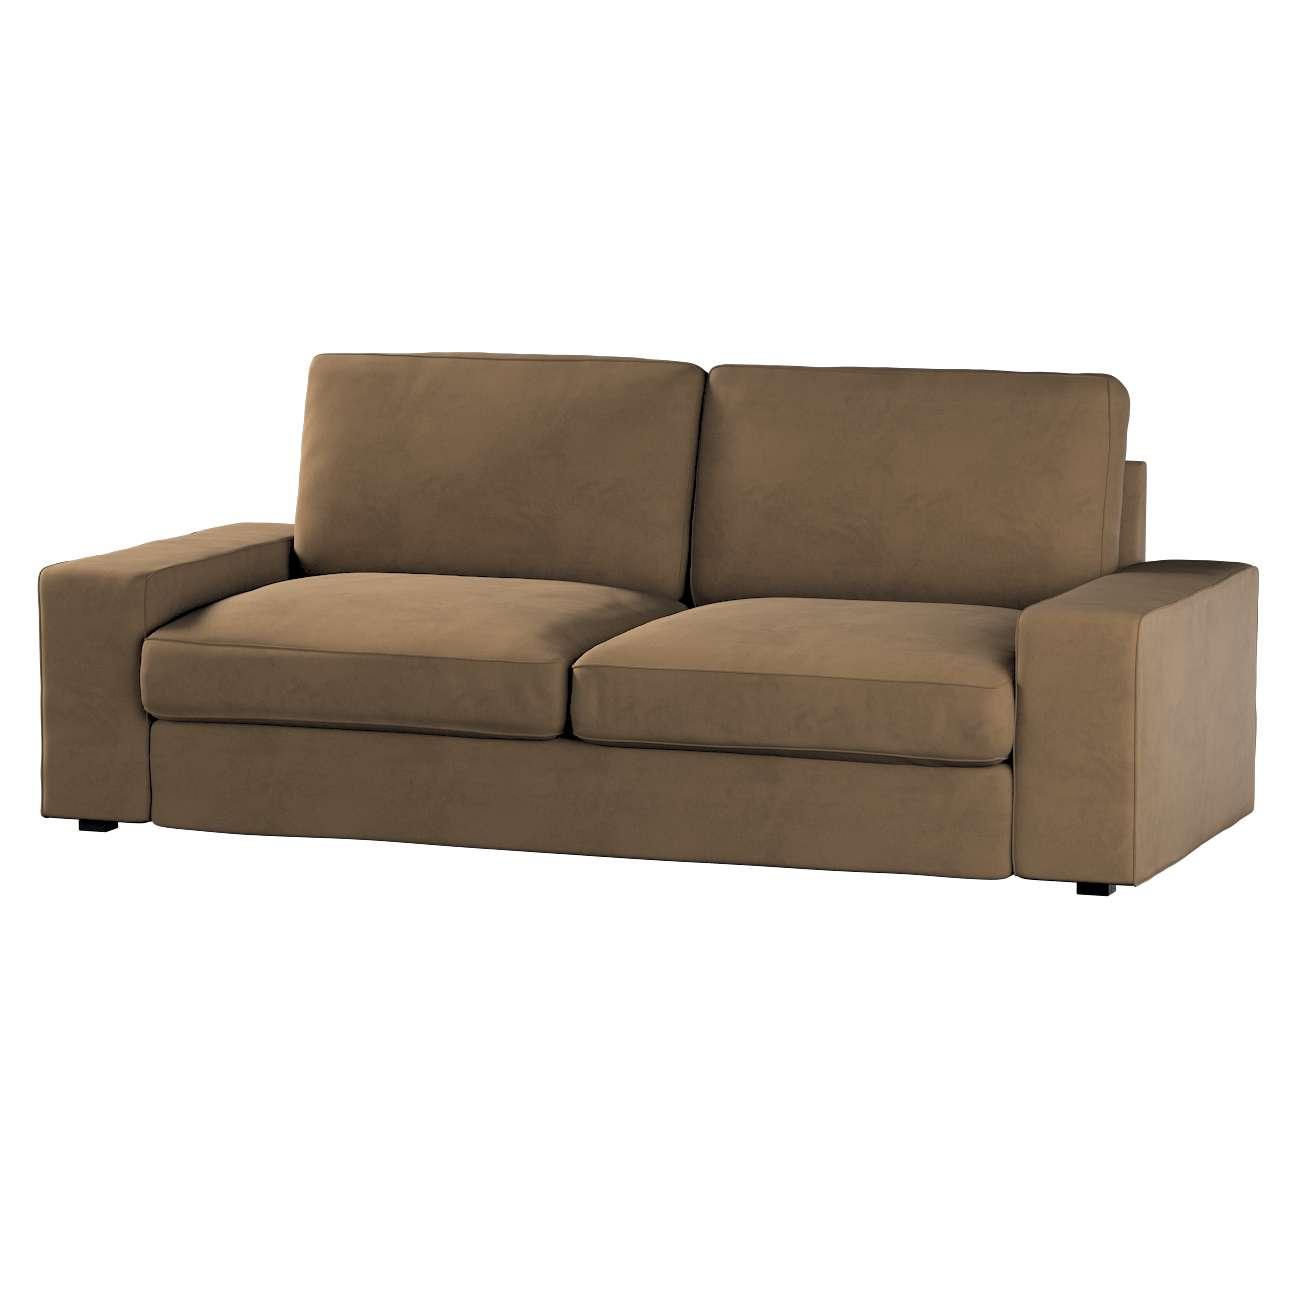 Pokrowiec na sofę Kivik 3-osobową, nierozkładaną w kolekcji Living, tkanina: 160-94